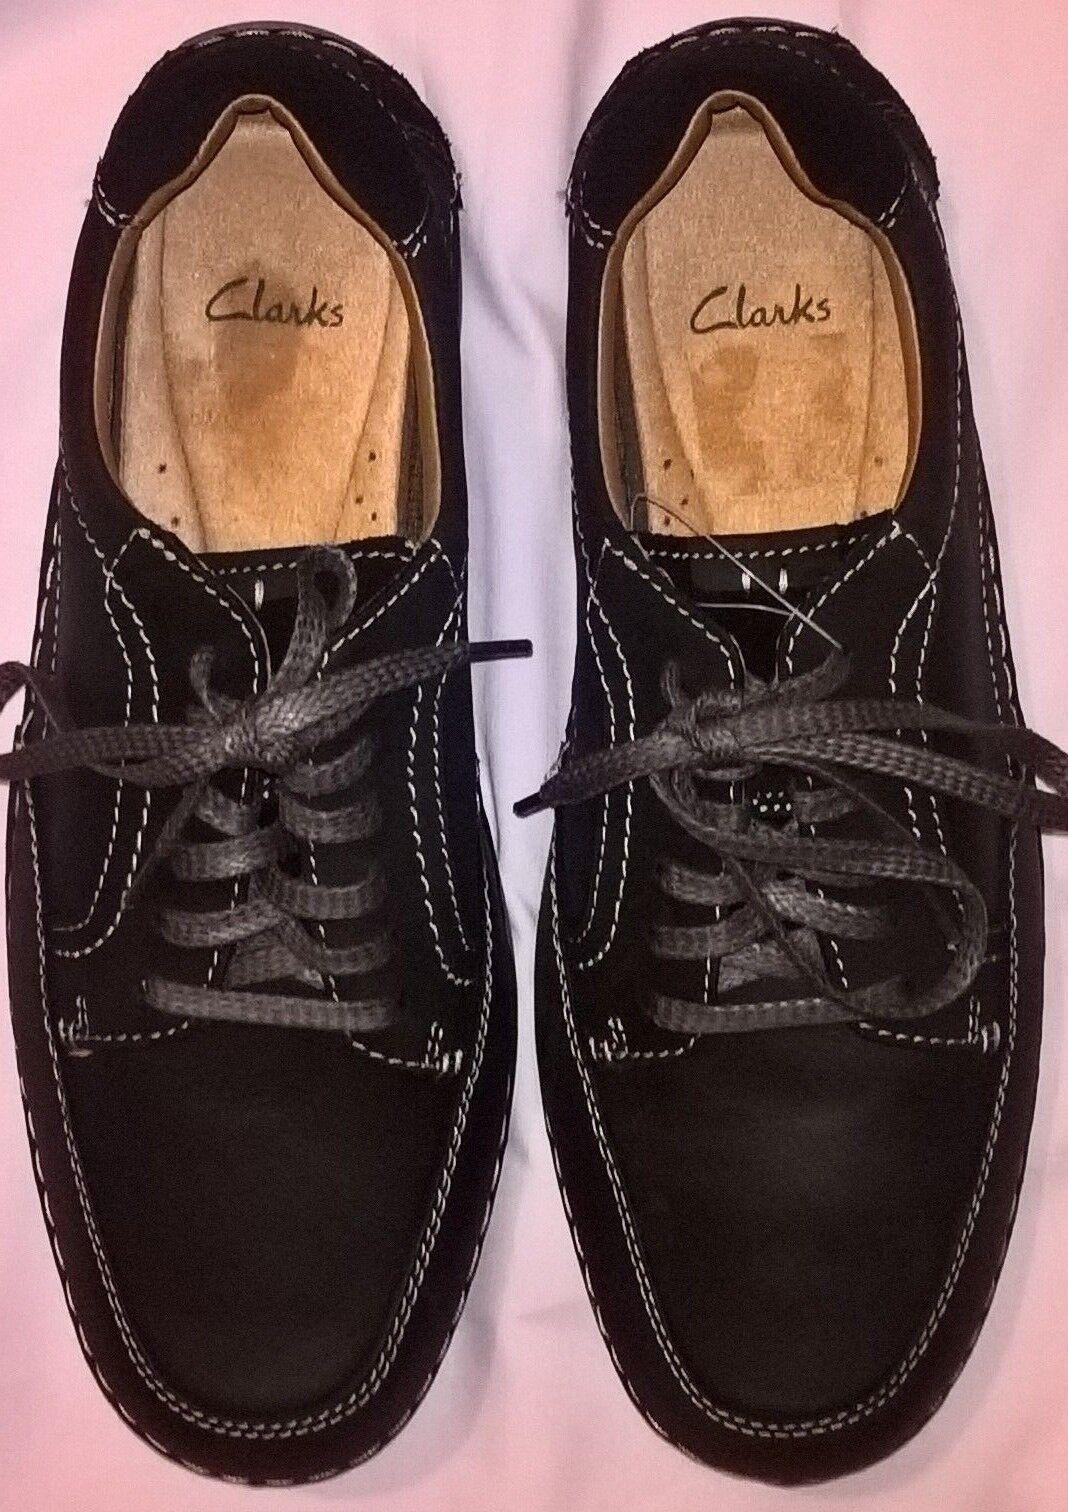 CLARKES ORIGINALE-TG splendida vestibilità e comfort-colore NERO